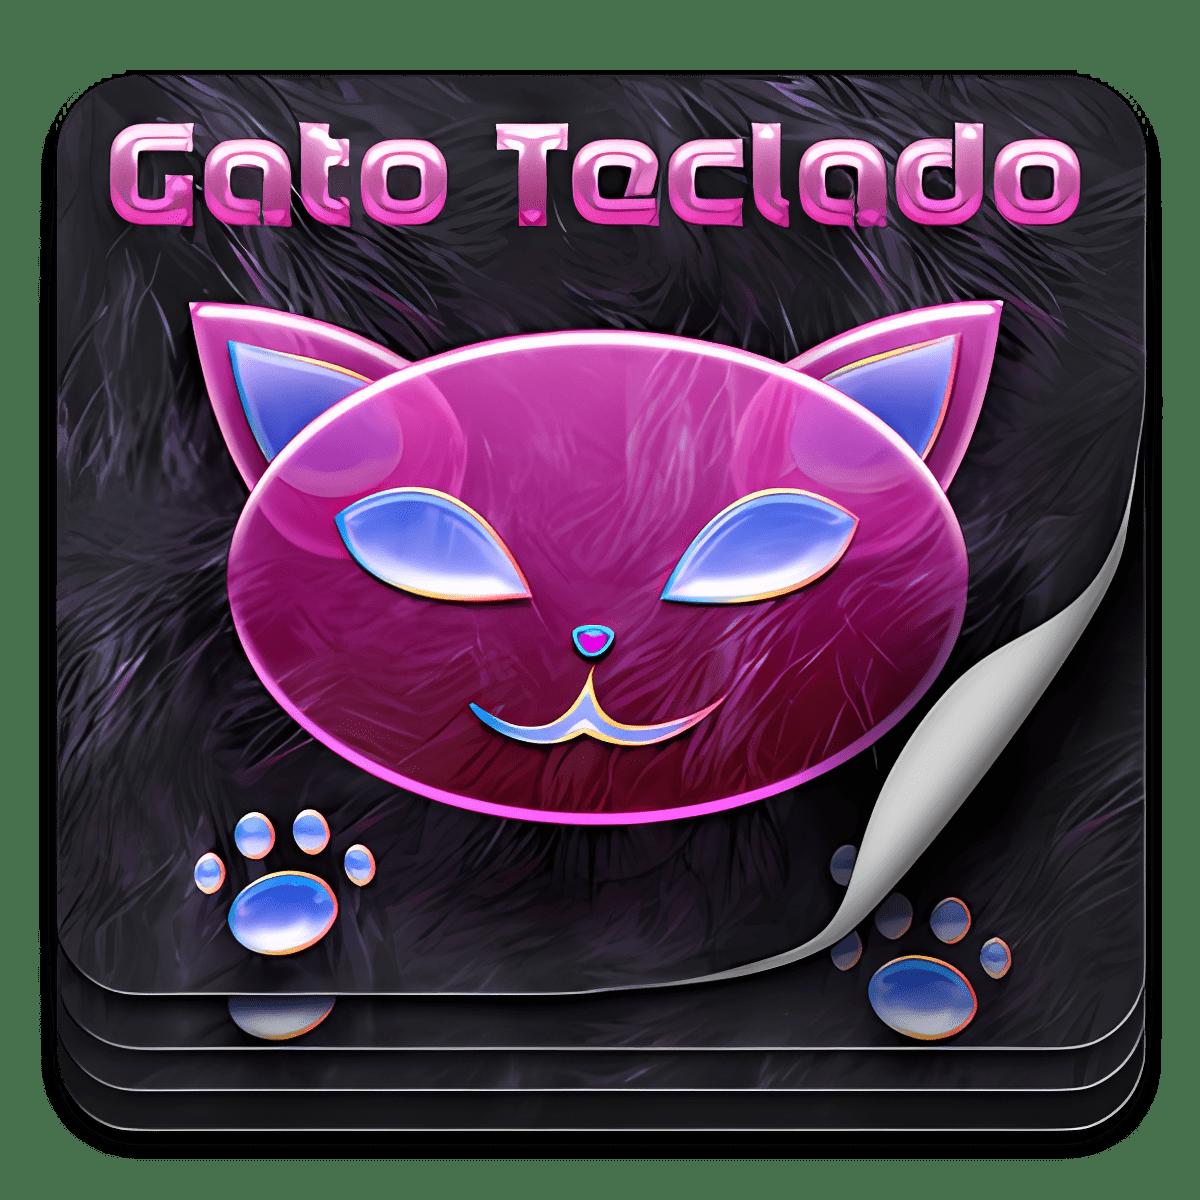 Gato Teclado